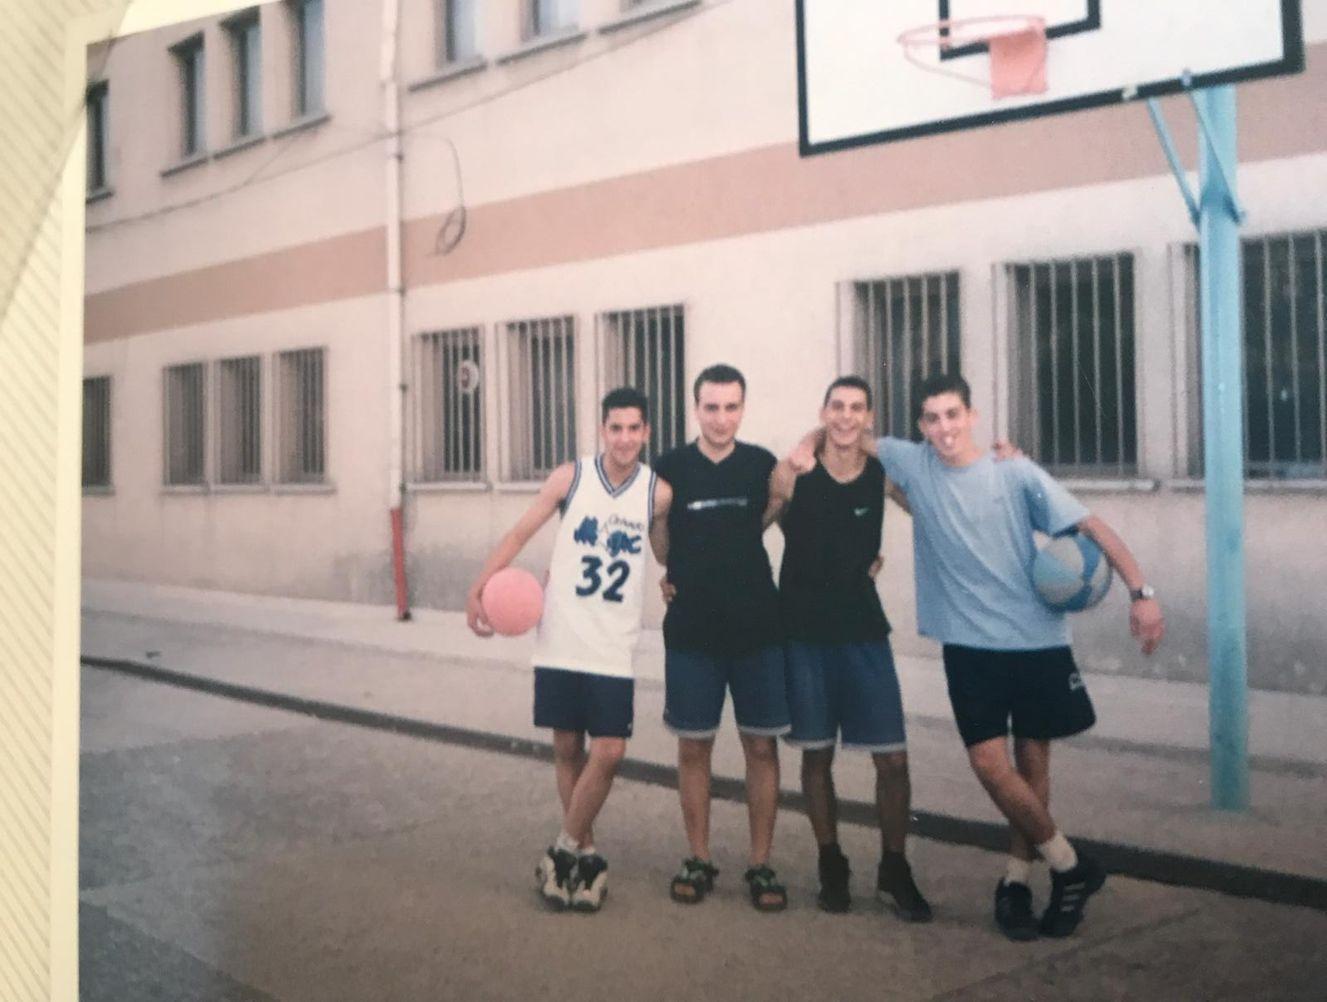 Doğu Demirkol'un hayatında basketbol, lise yıllarında olduğu gibi günümüzde de önemli bir yere sahip.